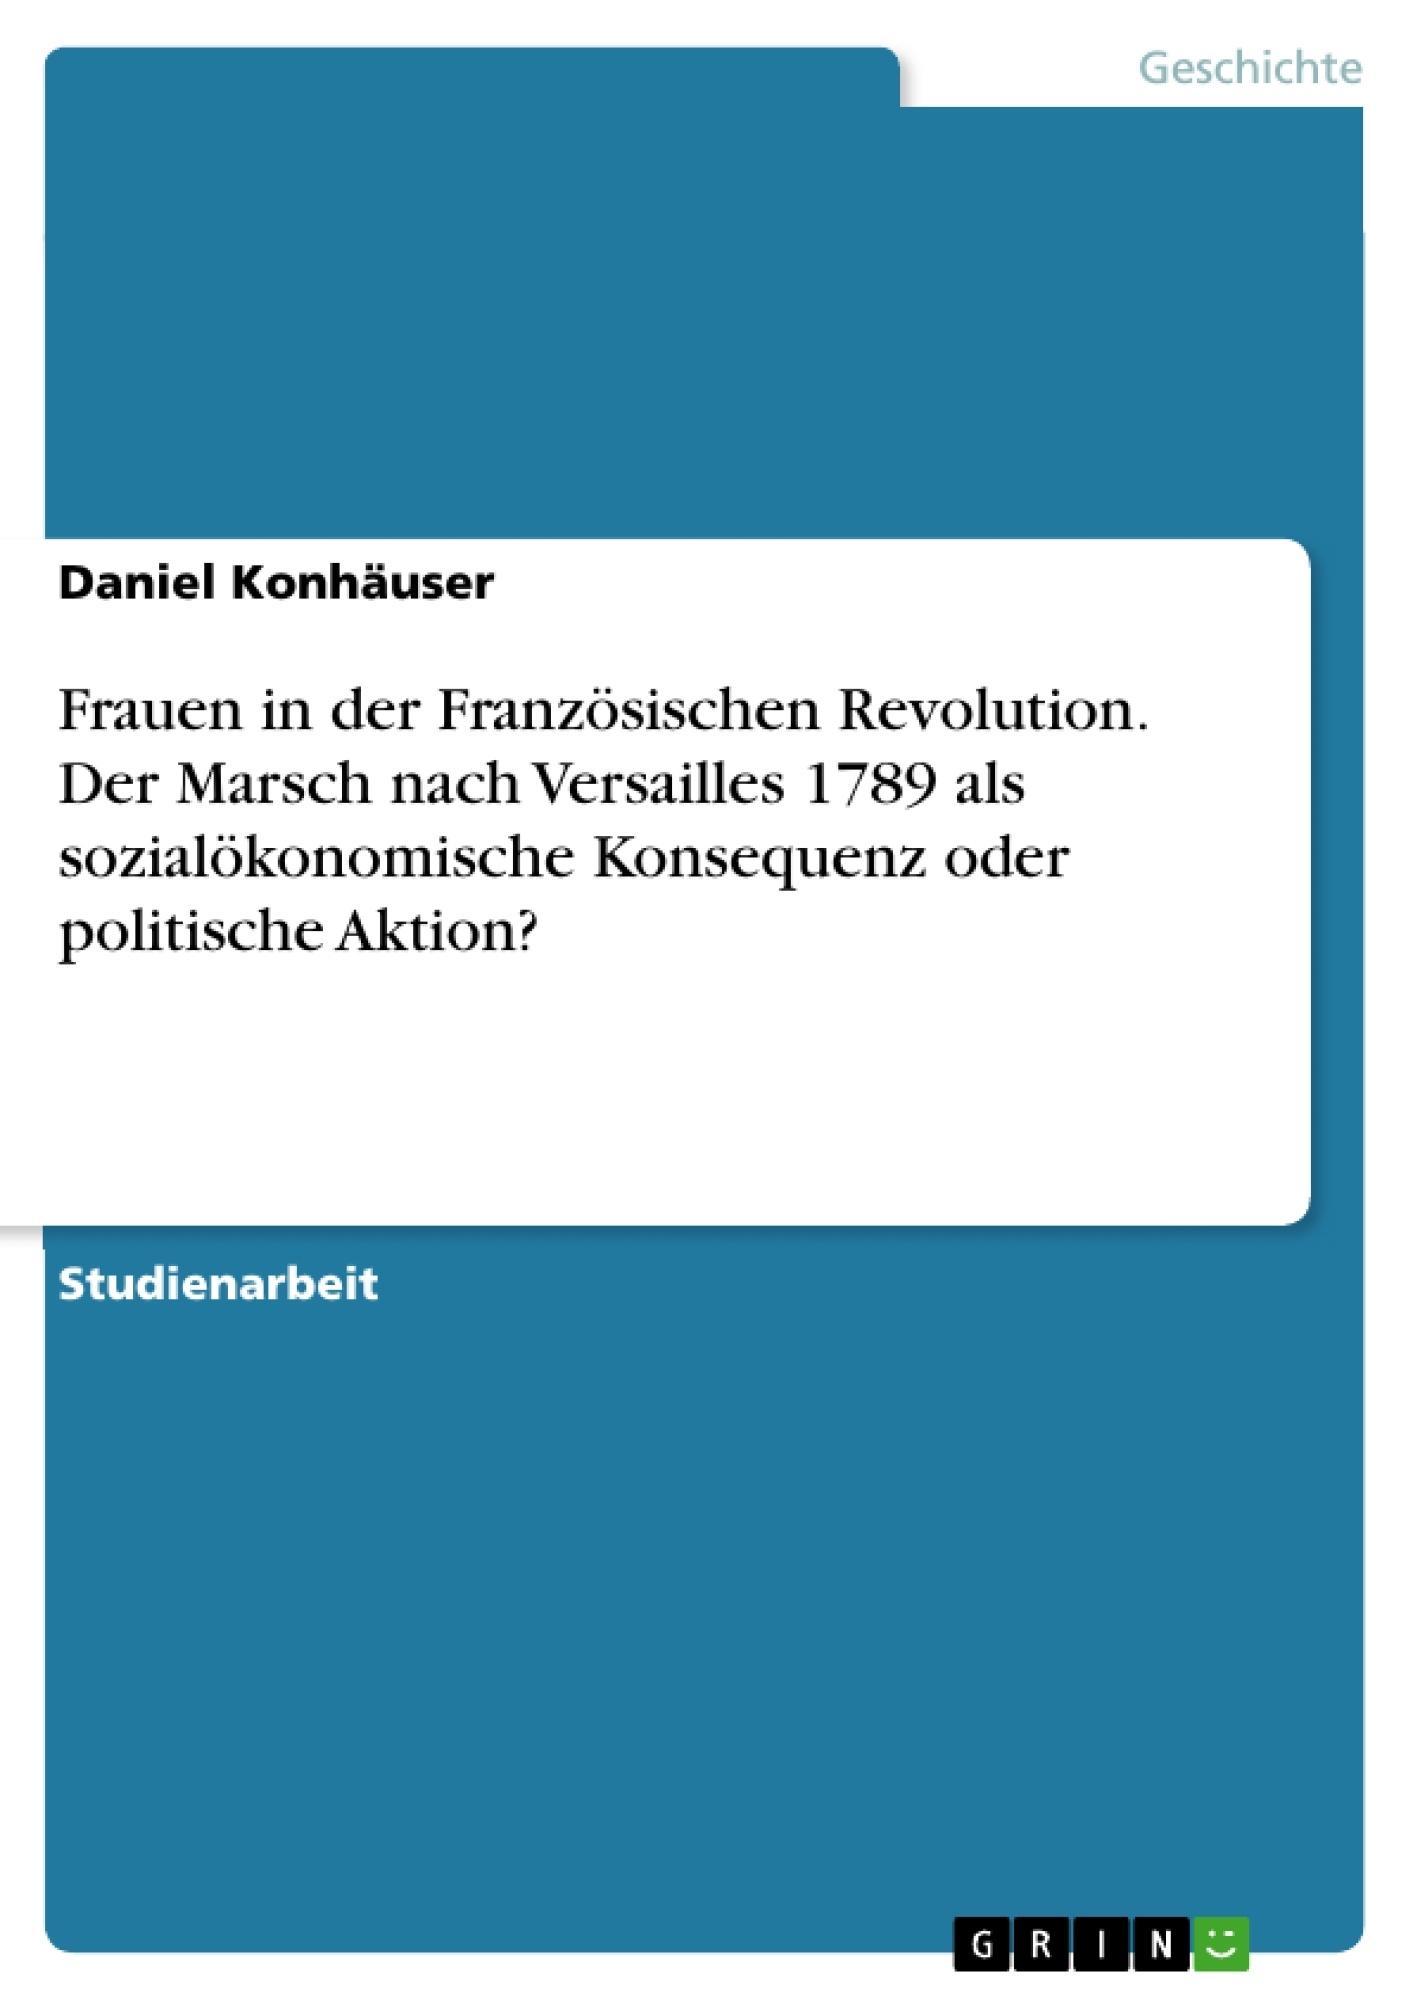 Titel: Frauen in der Französischen Revolution. Der Marsch nach Versailles 1789 als sozialökonomische Konsequenz oder politische Aktion?